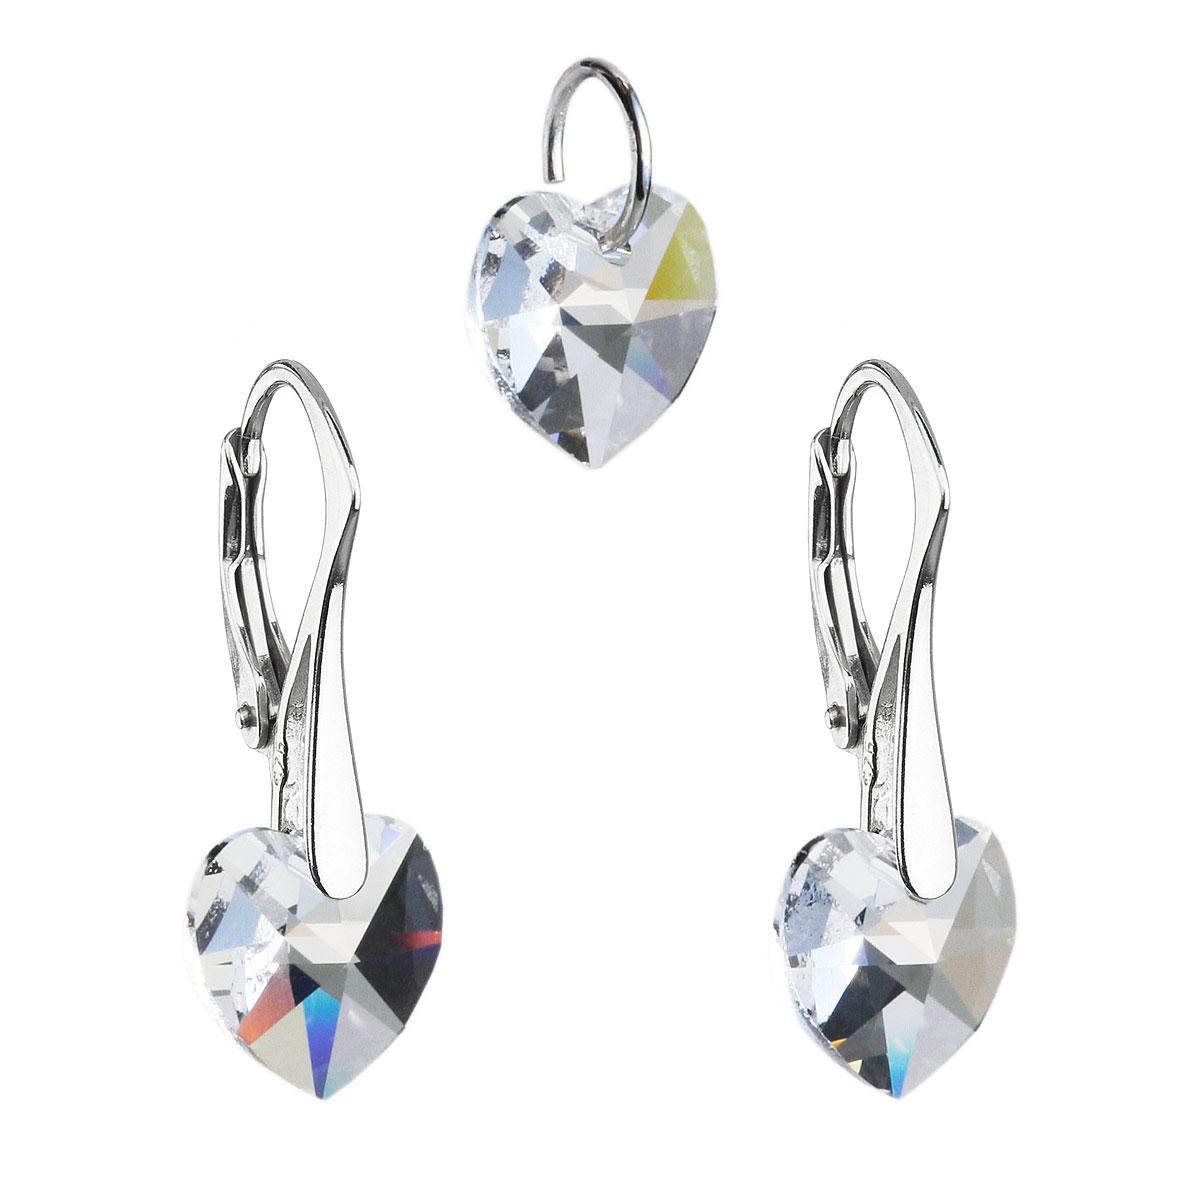 Sada šperkov s krištáľmi Swarovski náušnice a prívesok biele srdcia 39003.1